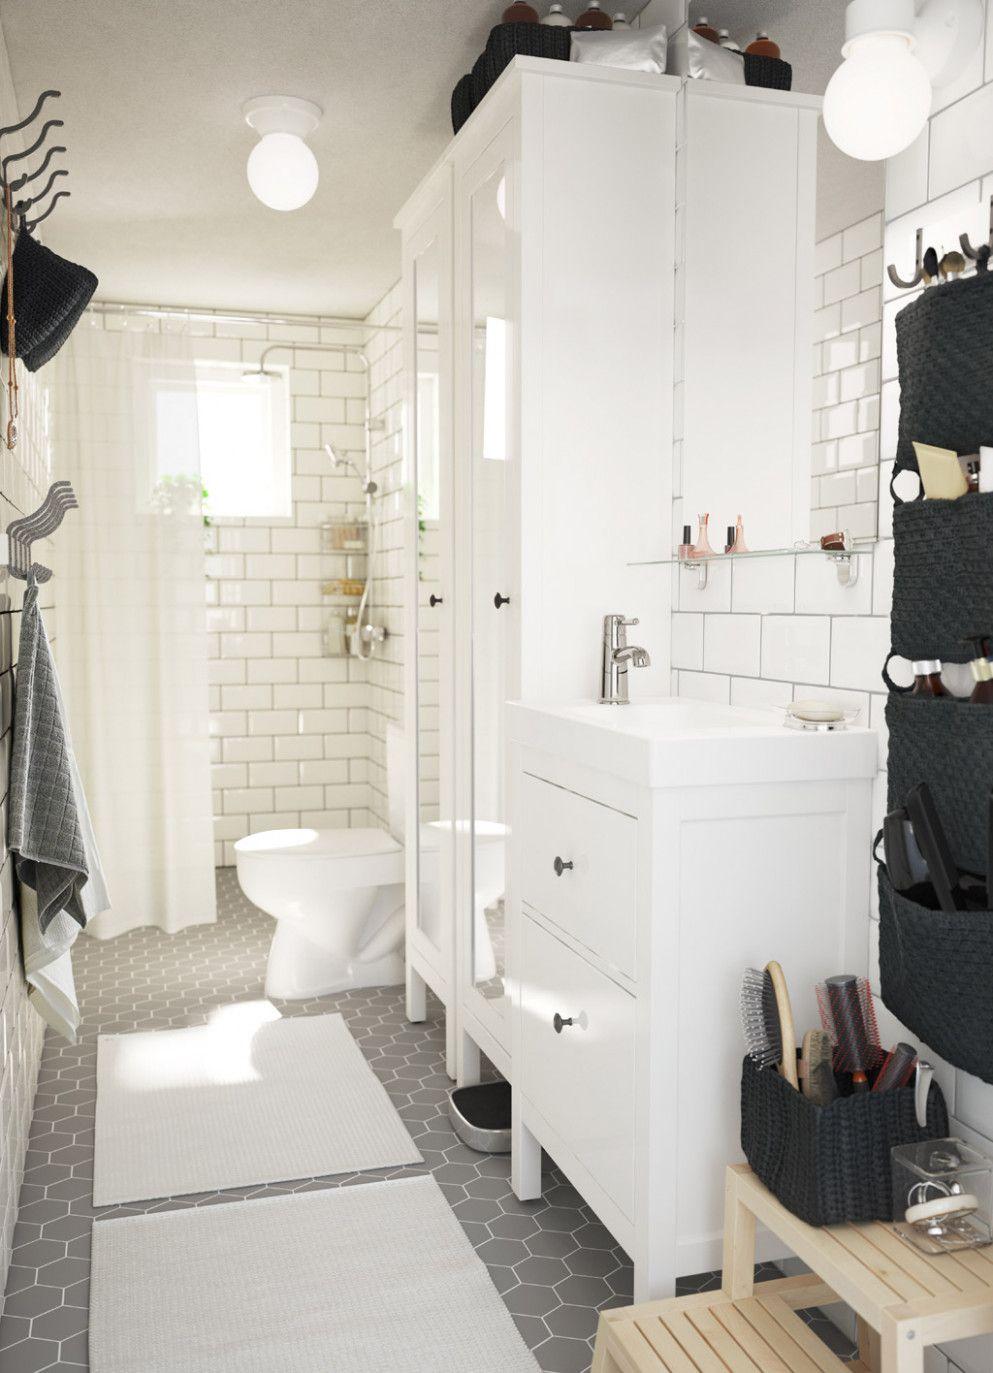 7 Muebles De Bano Baratos Ikea Conseils Que Vous Devez Apprendre Maintenant I 2020 Badevaerelse Lille Lille Badevaerelse Badevaerelse Design